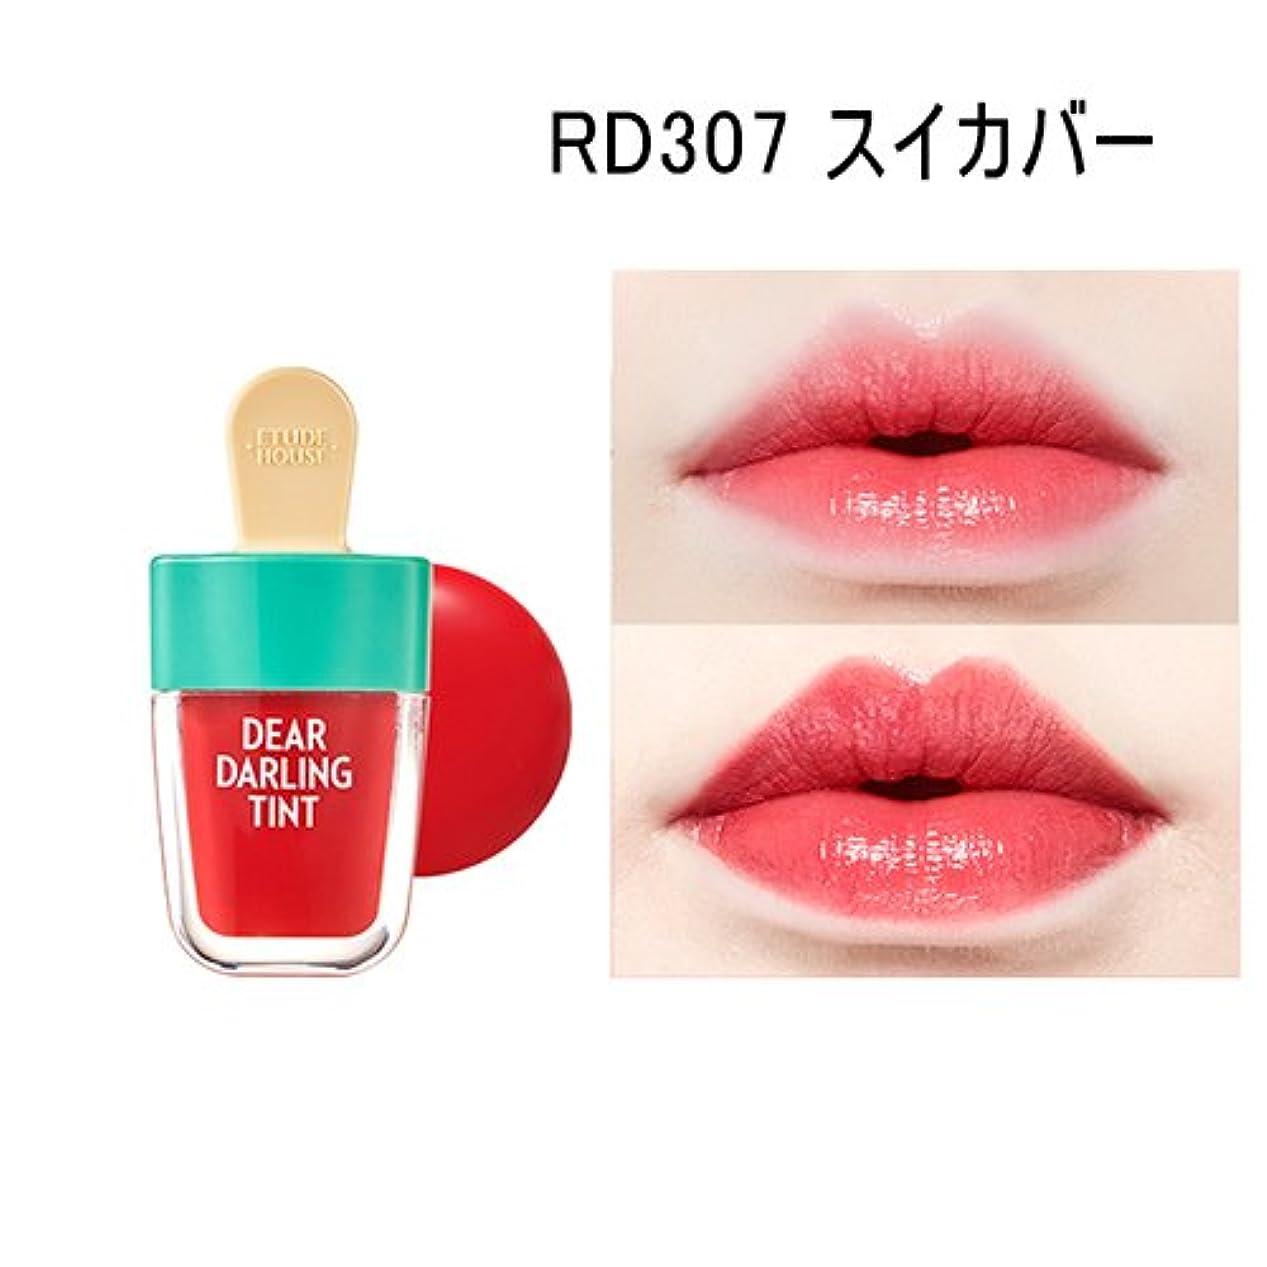 隣人枕宣言するEtude House(エチュードハウス) [夏限定]ディアー ダーリン ウォータージェル ティント/Dear Darling Water Gel Tint(4.5g) (RD307(スイカレッド)) [並行輸入品]